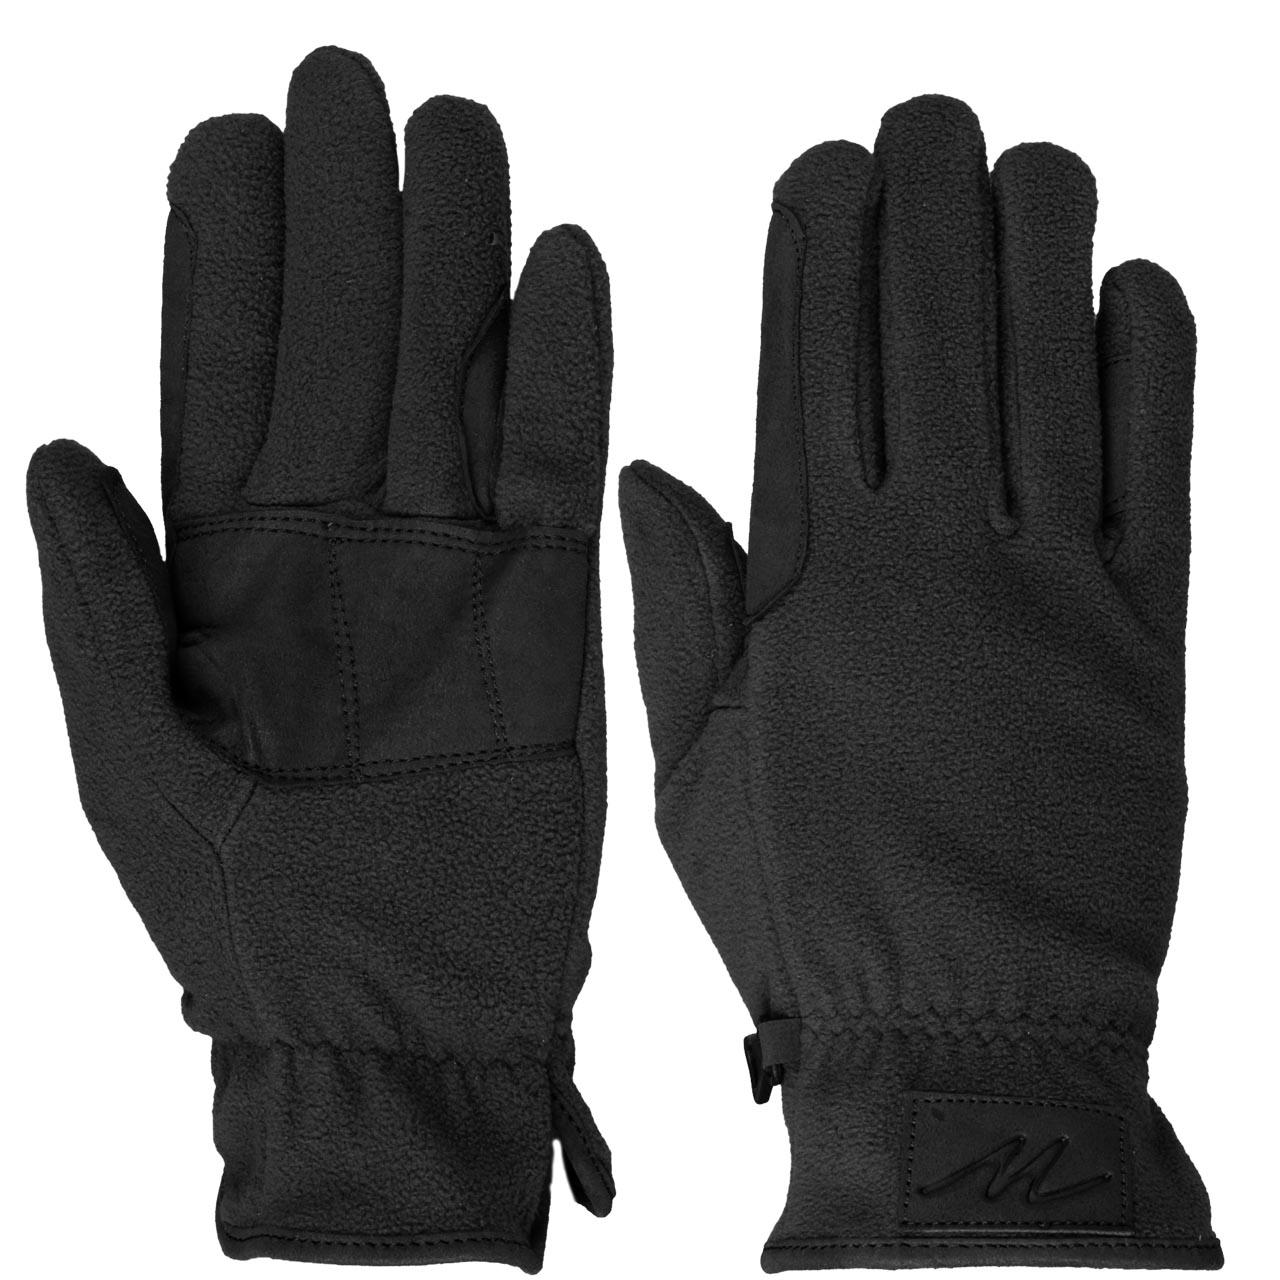 Mondoni Hamar handschoen zwart maat:l